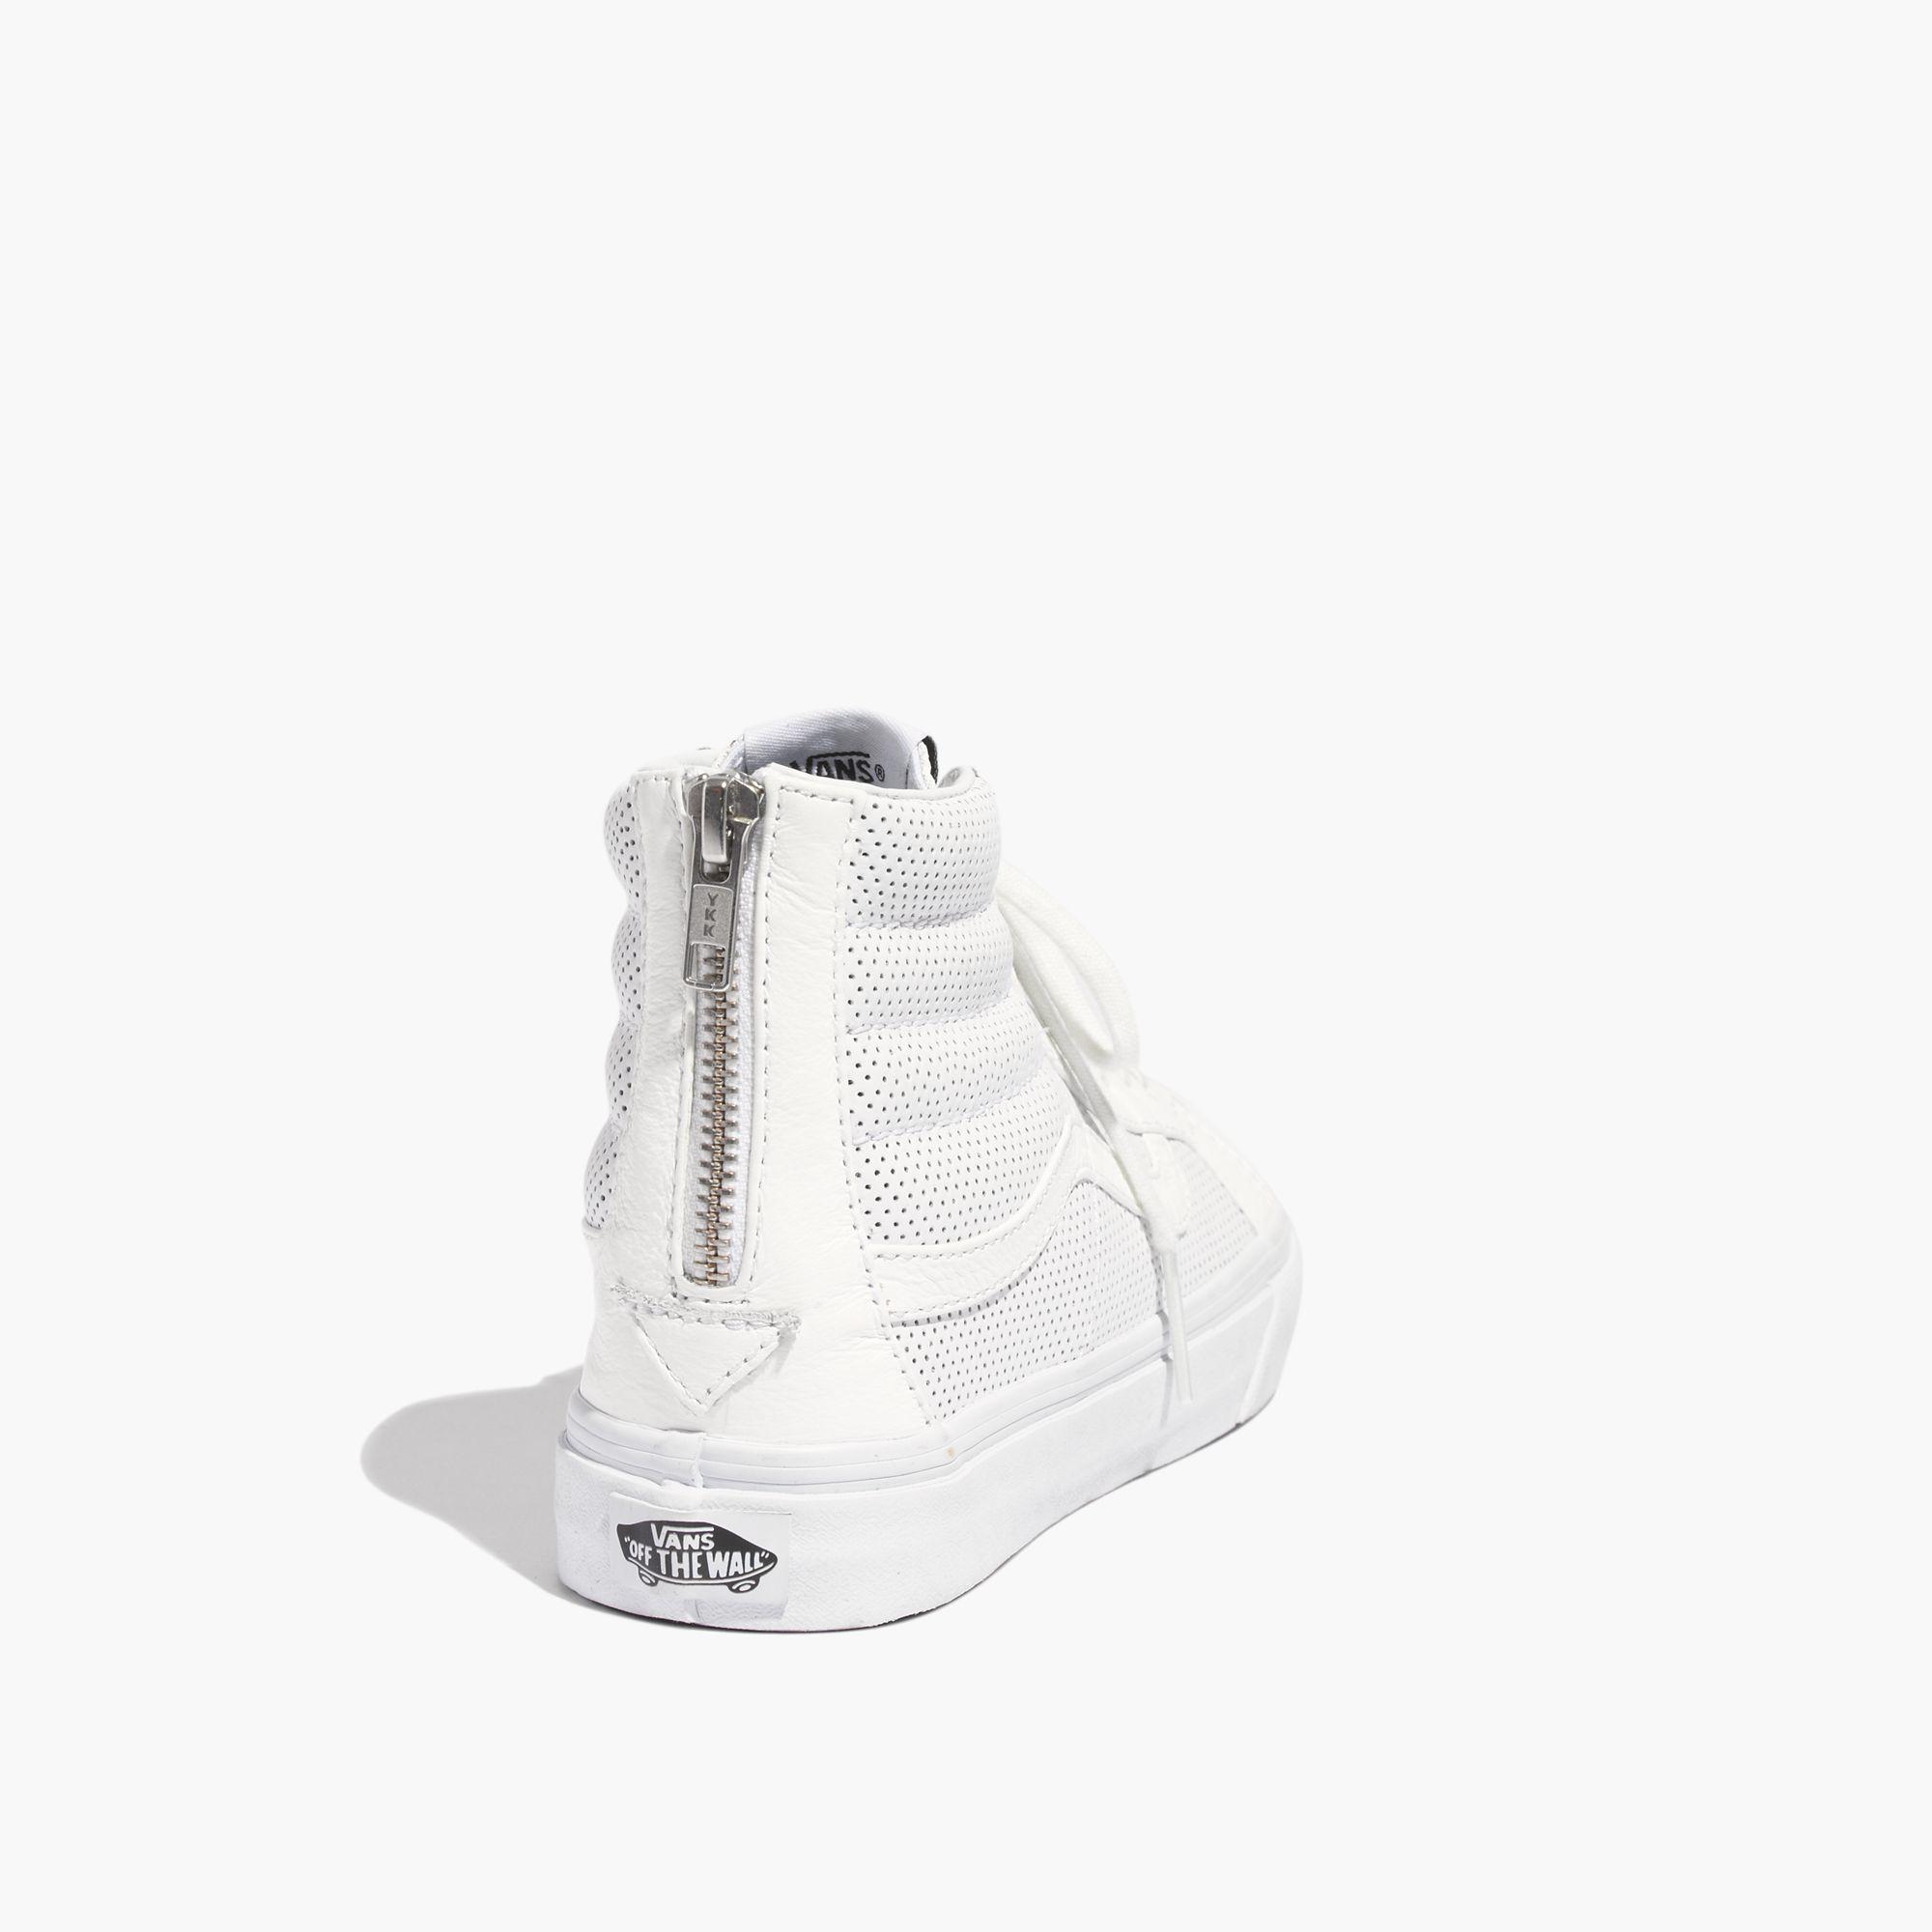 59baac8d80 Lyst - Madewell Vans® Sk8-Hi Slim Zip High-Top Sneakers In ...